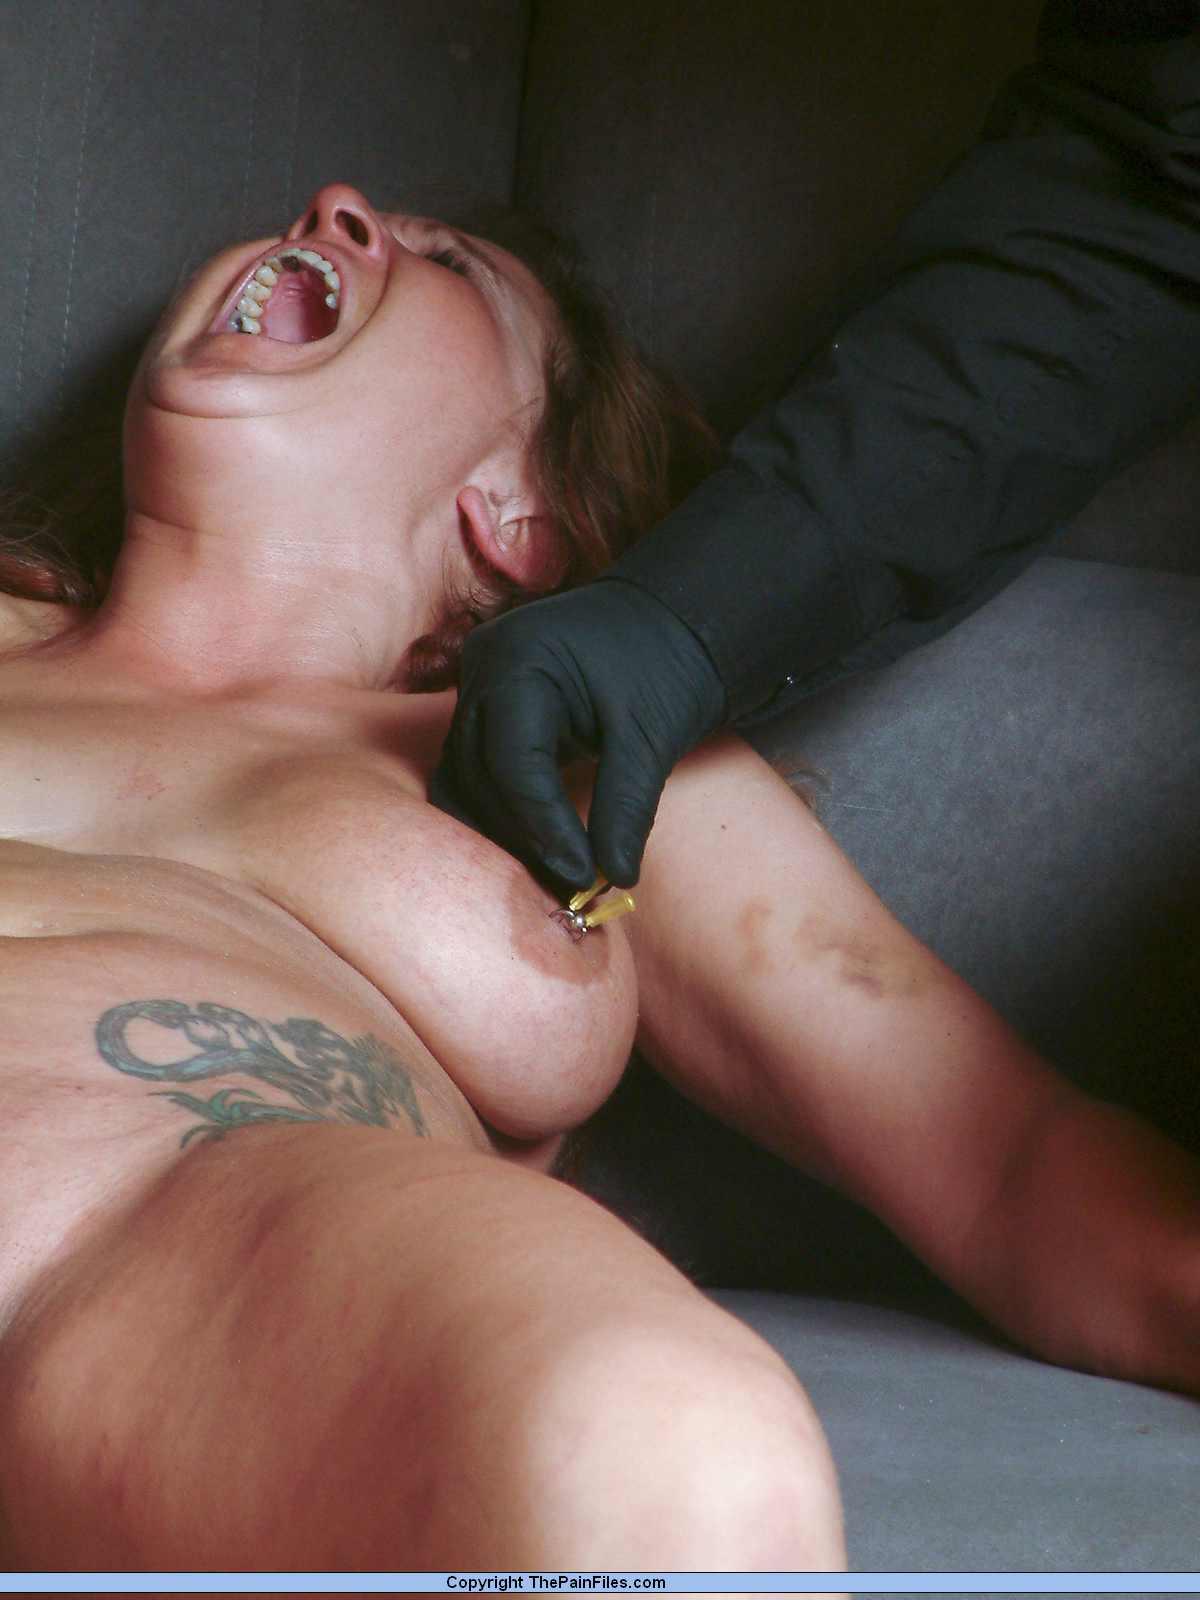 Пытки пизды иглами порно 6 фотография